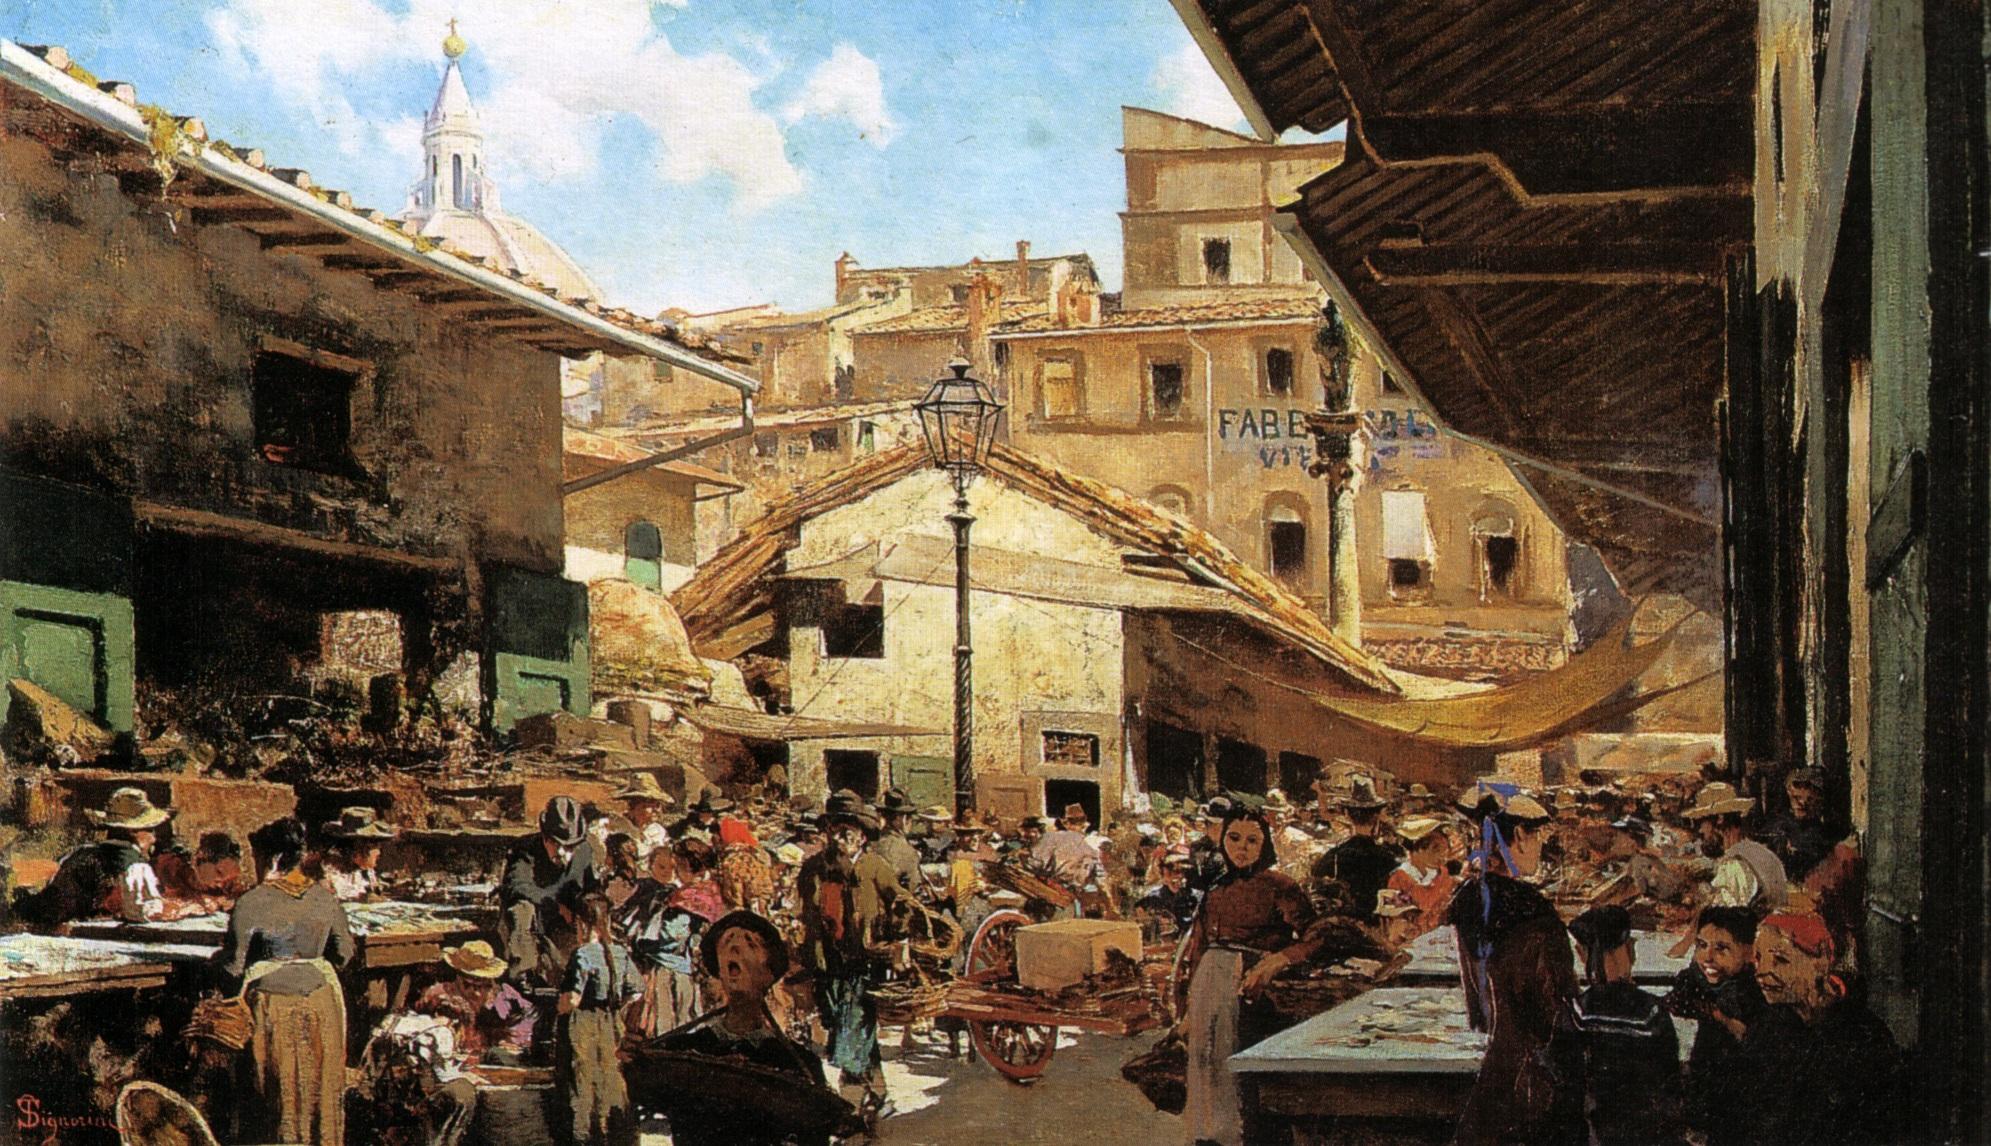 Telemaco Signorini, Mercato Vecchio Firenze